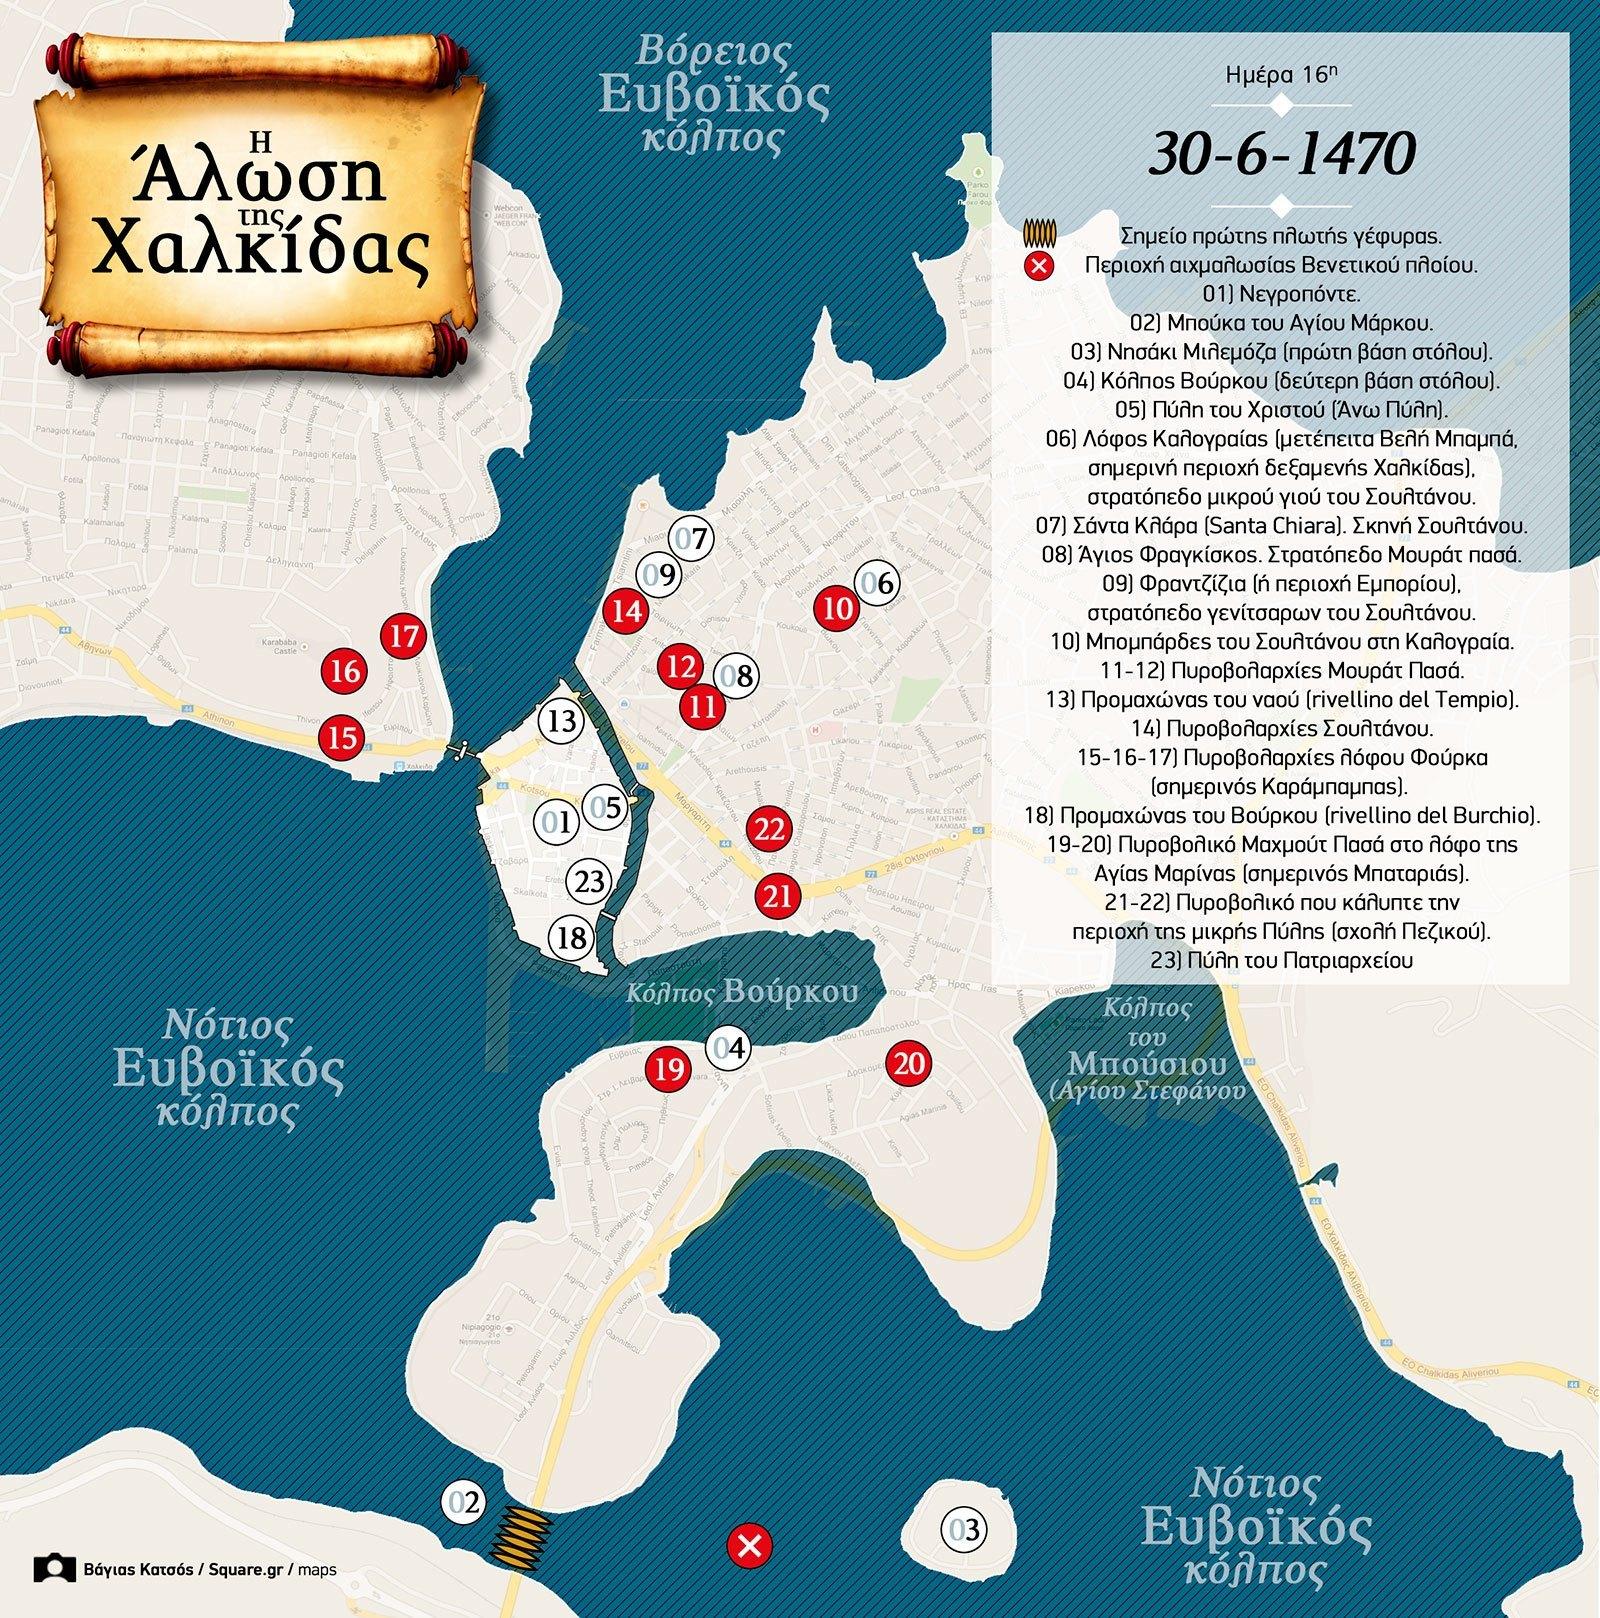 1-Χάρτης-άλωσης-Χαλκίδας-απο-Μωάμεθ-Β-το-καλοκαίρι-του-1470